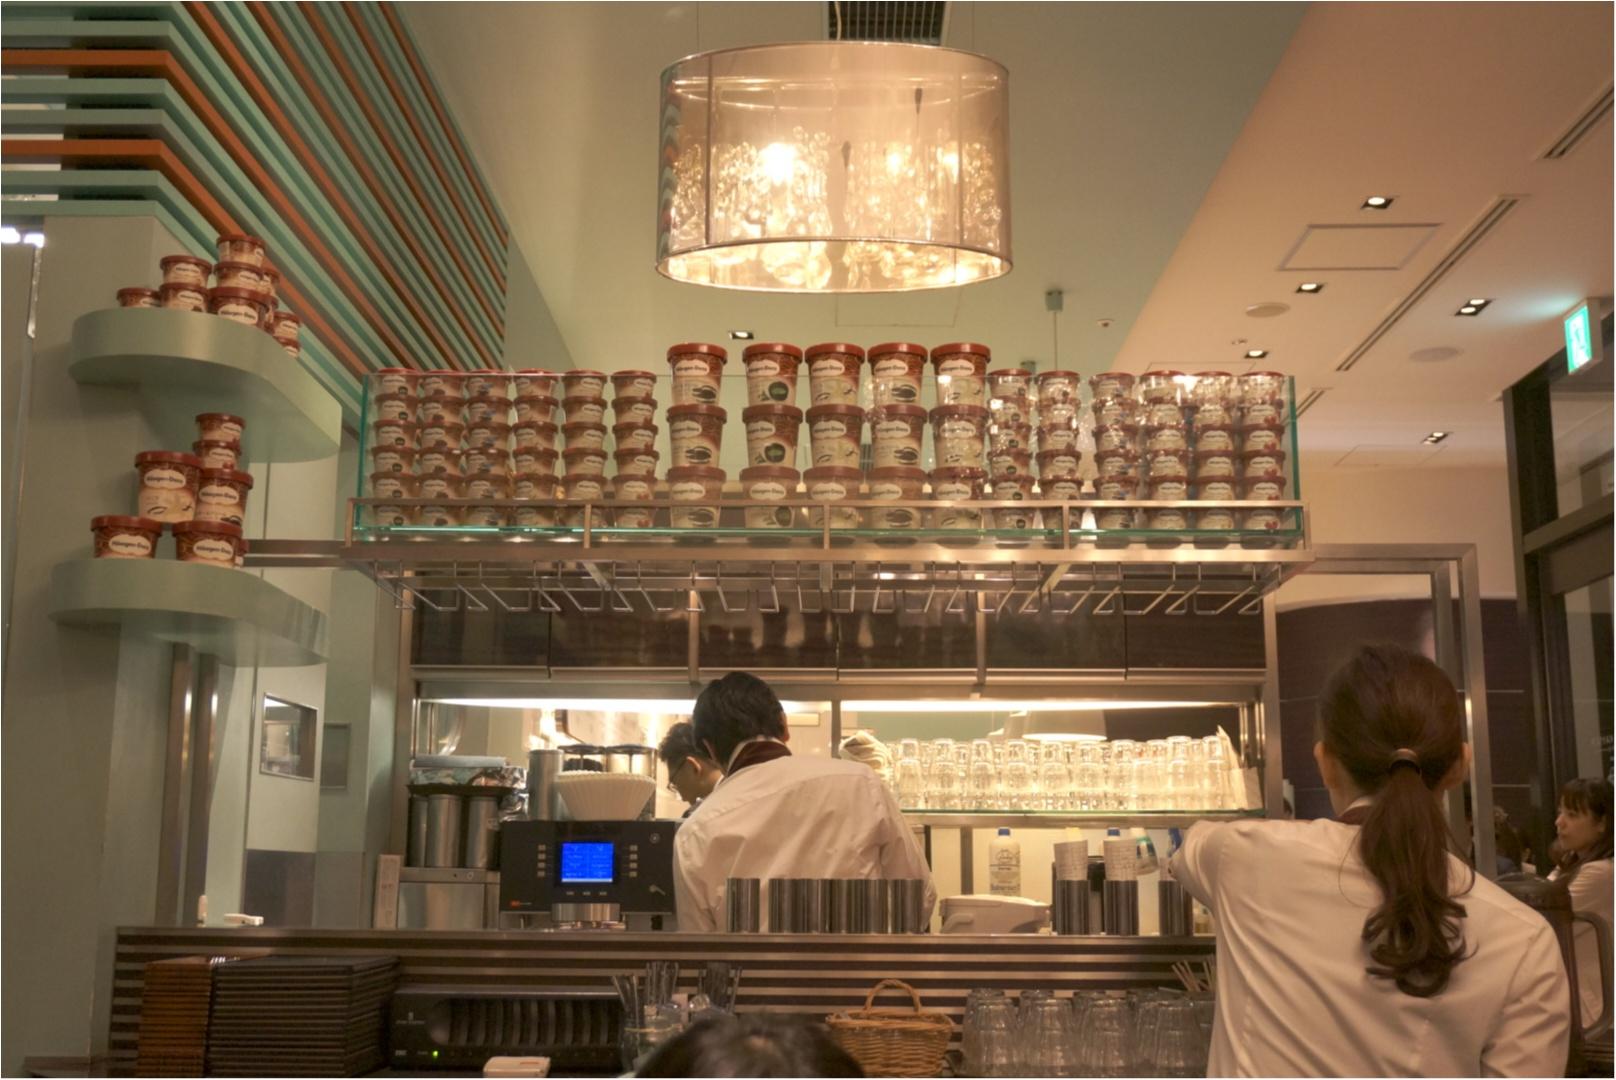 5月9日までの期間限定‼︎ハーゲンダッツ初のベーカリー【Häagen-Dazs Bakery】が大人気♡_5